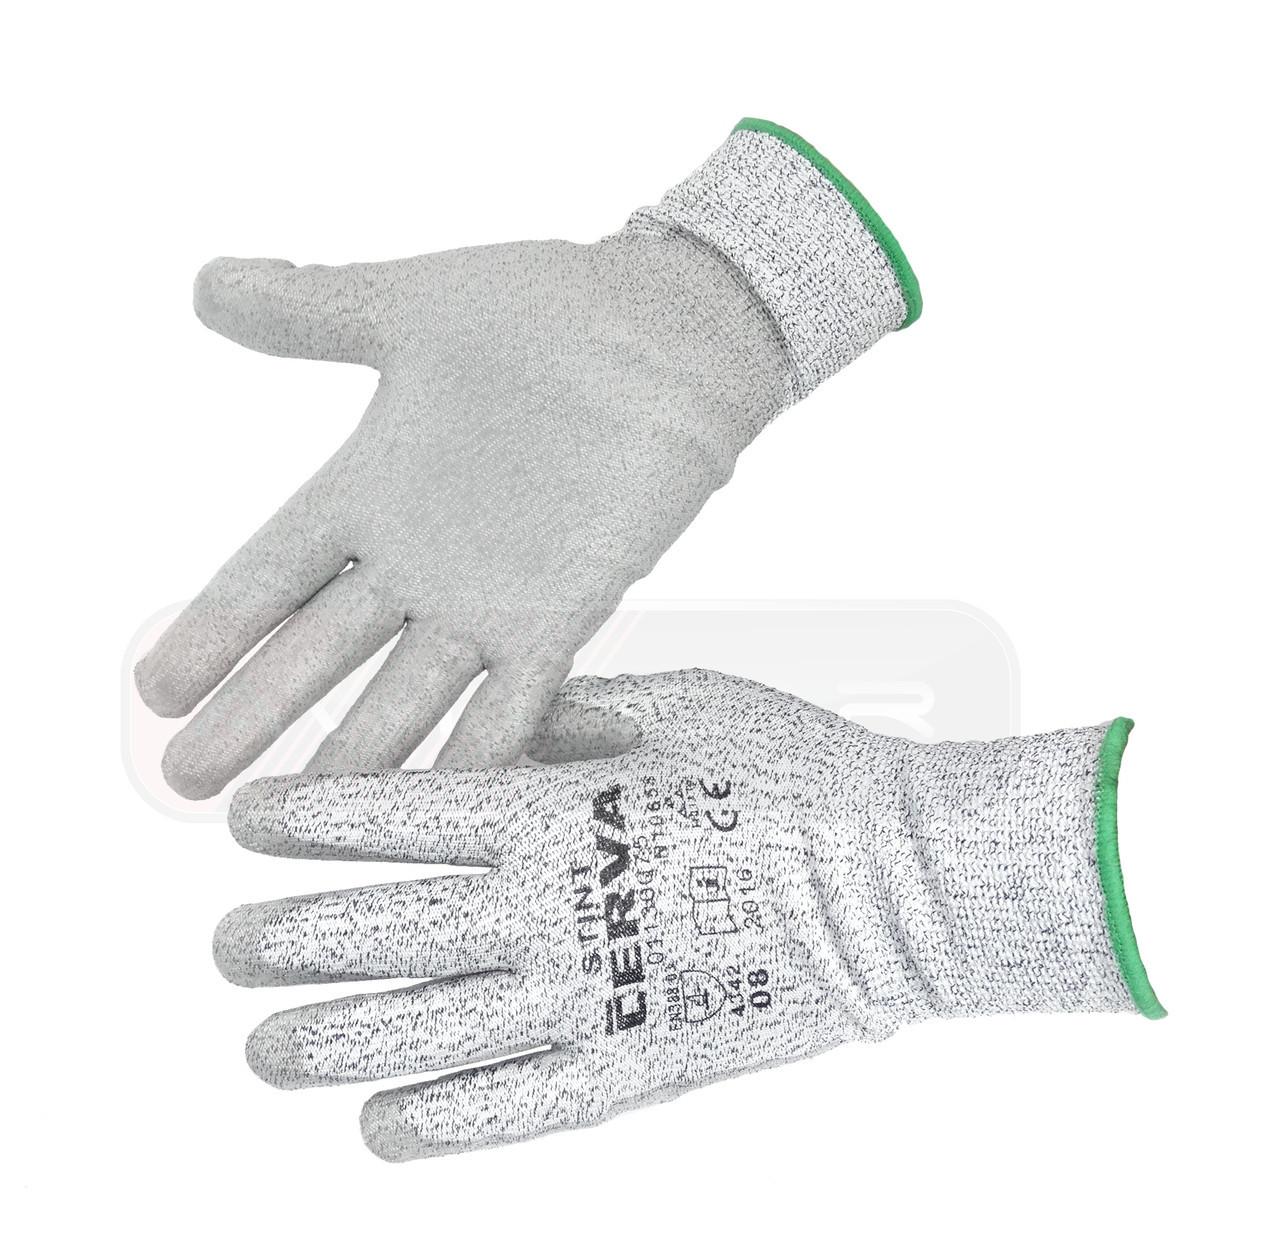 Перчатки Cerva Stint вязаные, защита от порезов, цвет: белый